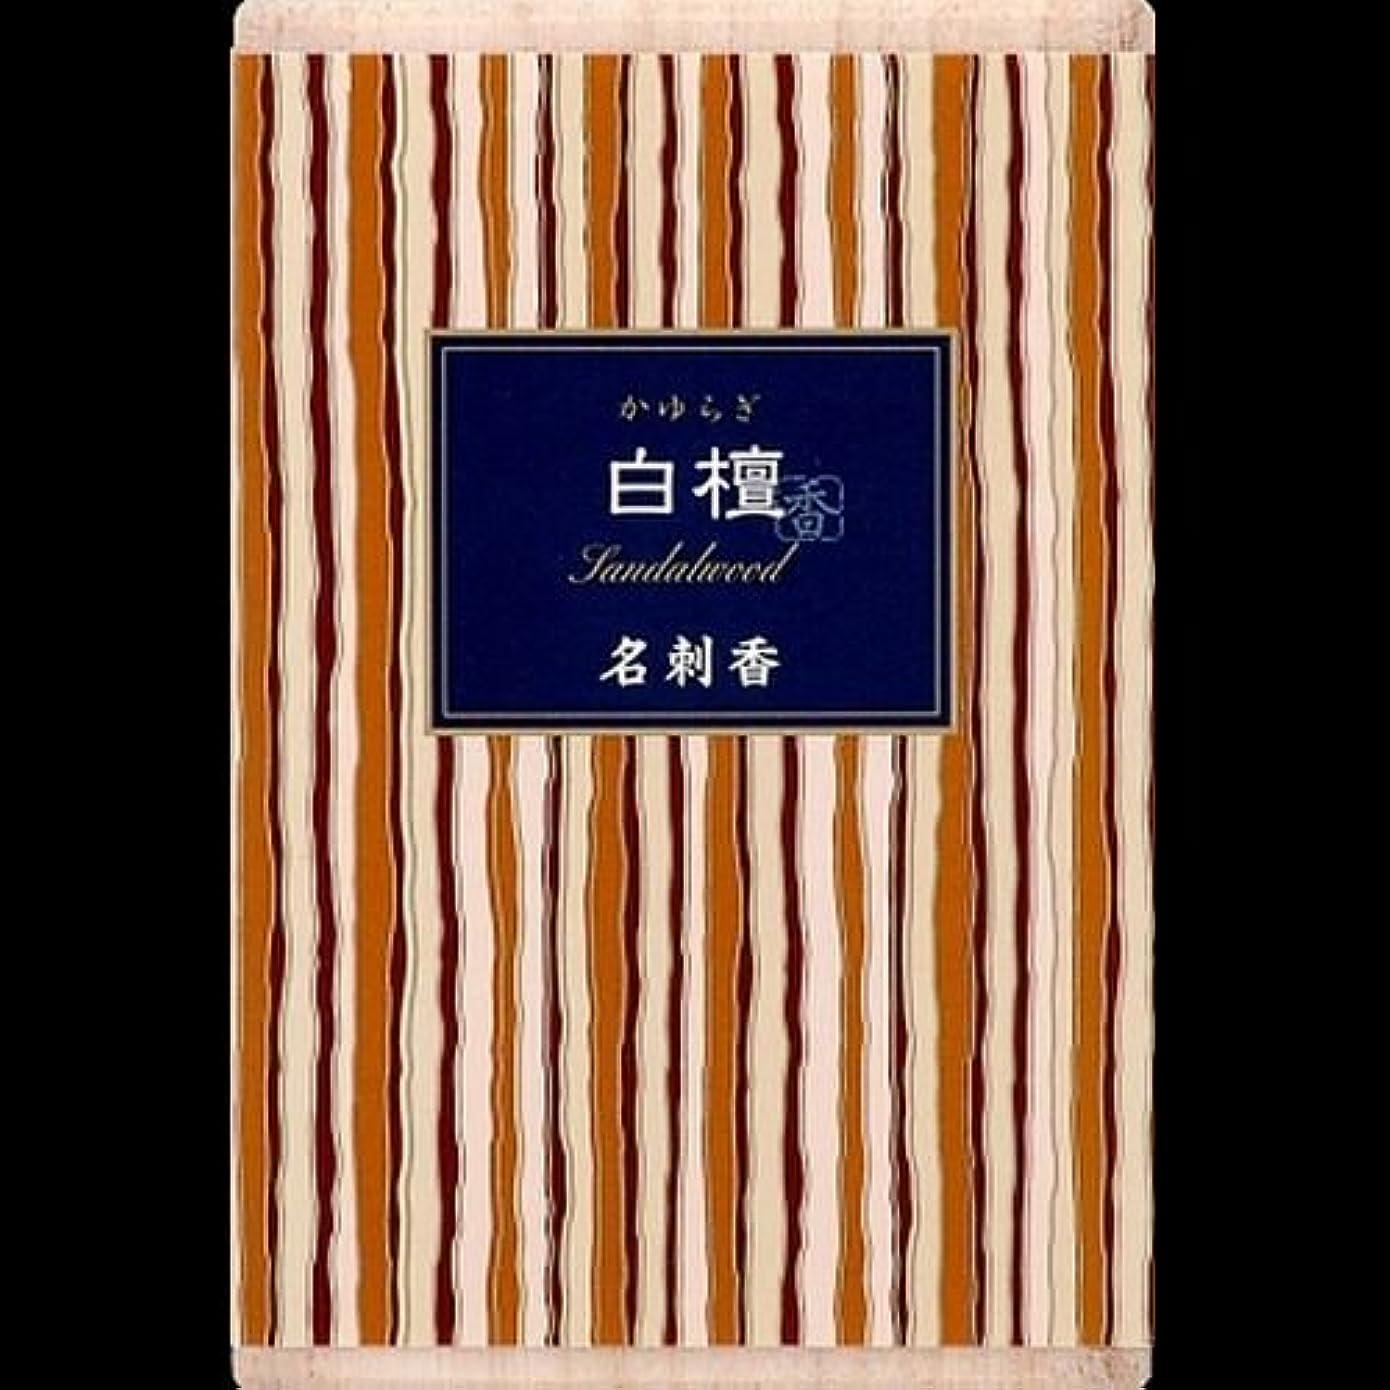 卒業入射感じる【まとめ買い】かゆらぎ 白檀 名刺香 桐箱 6入 ×2セット